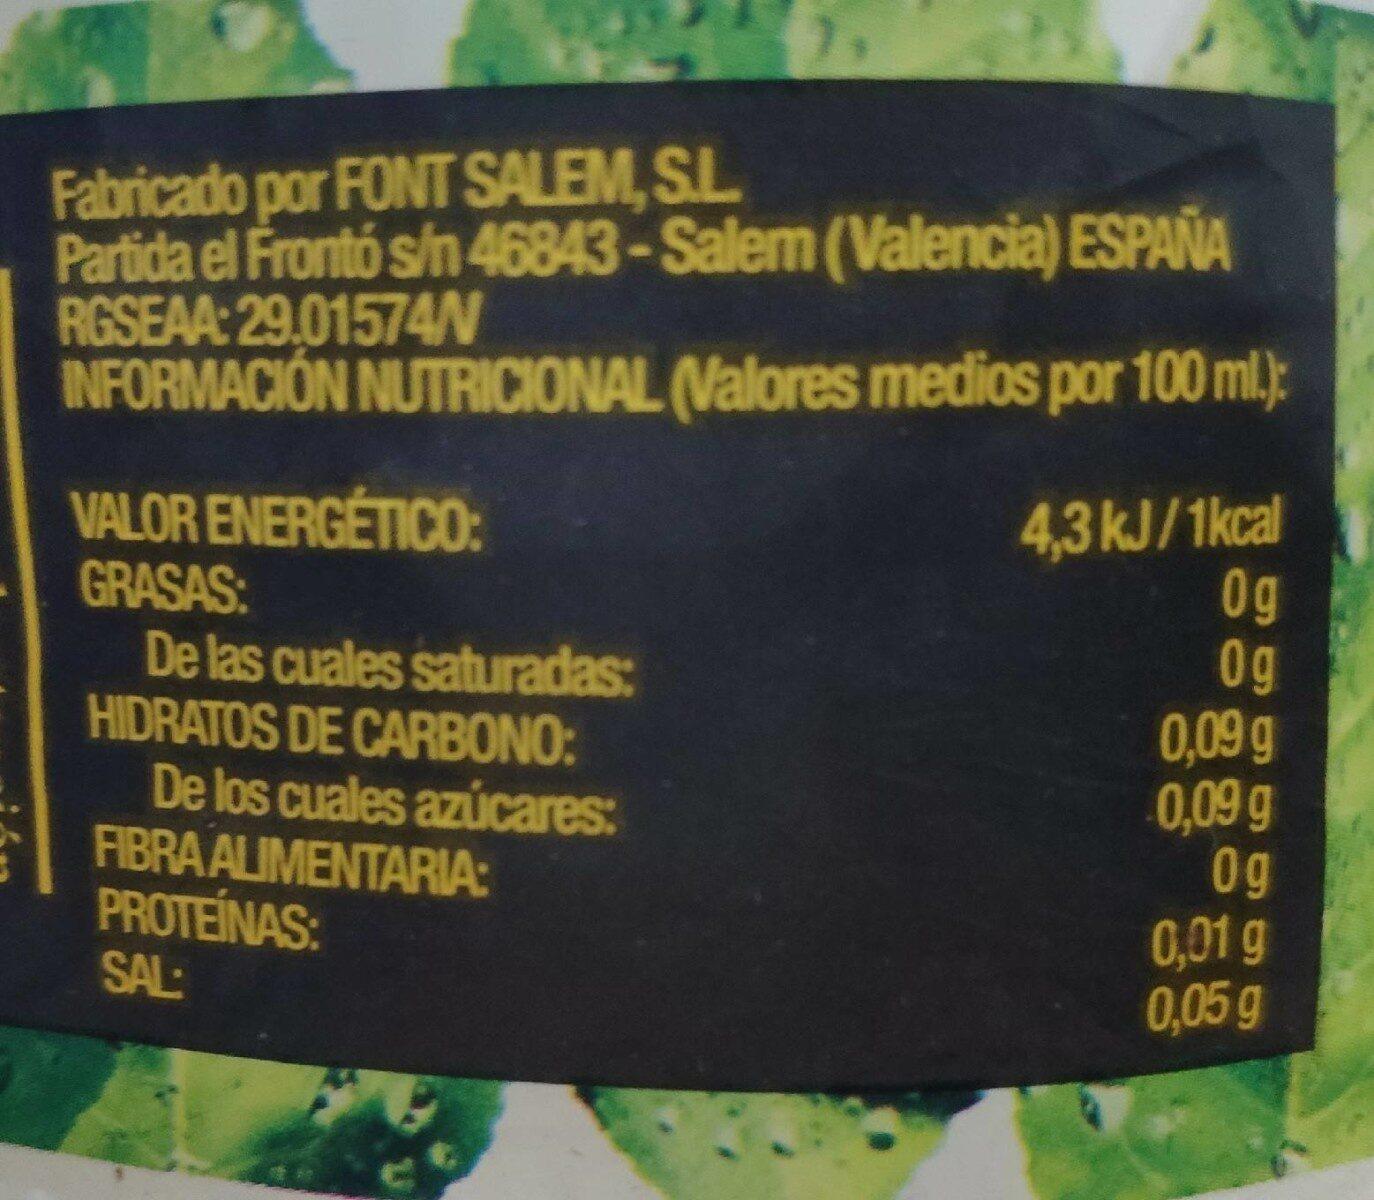 Té limón cero - Información nutricional - es